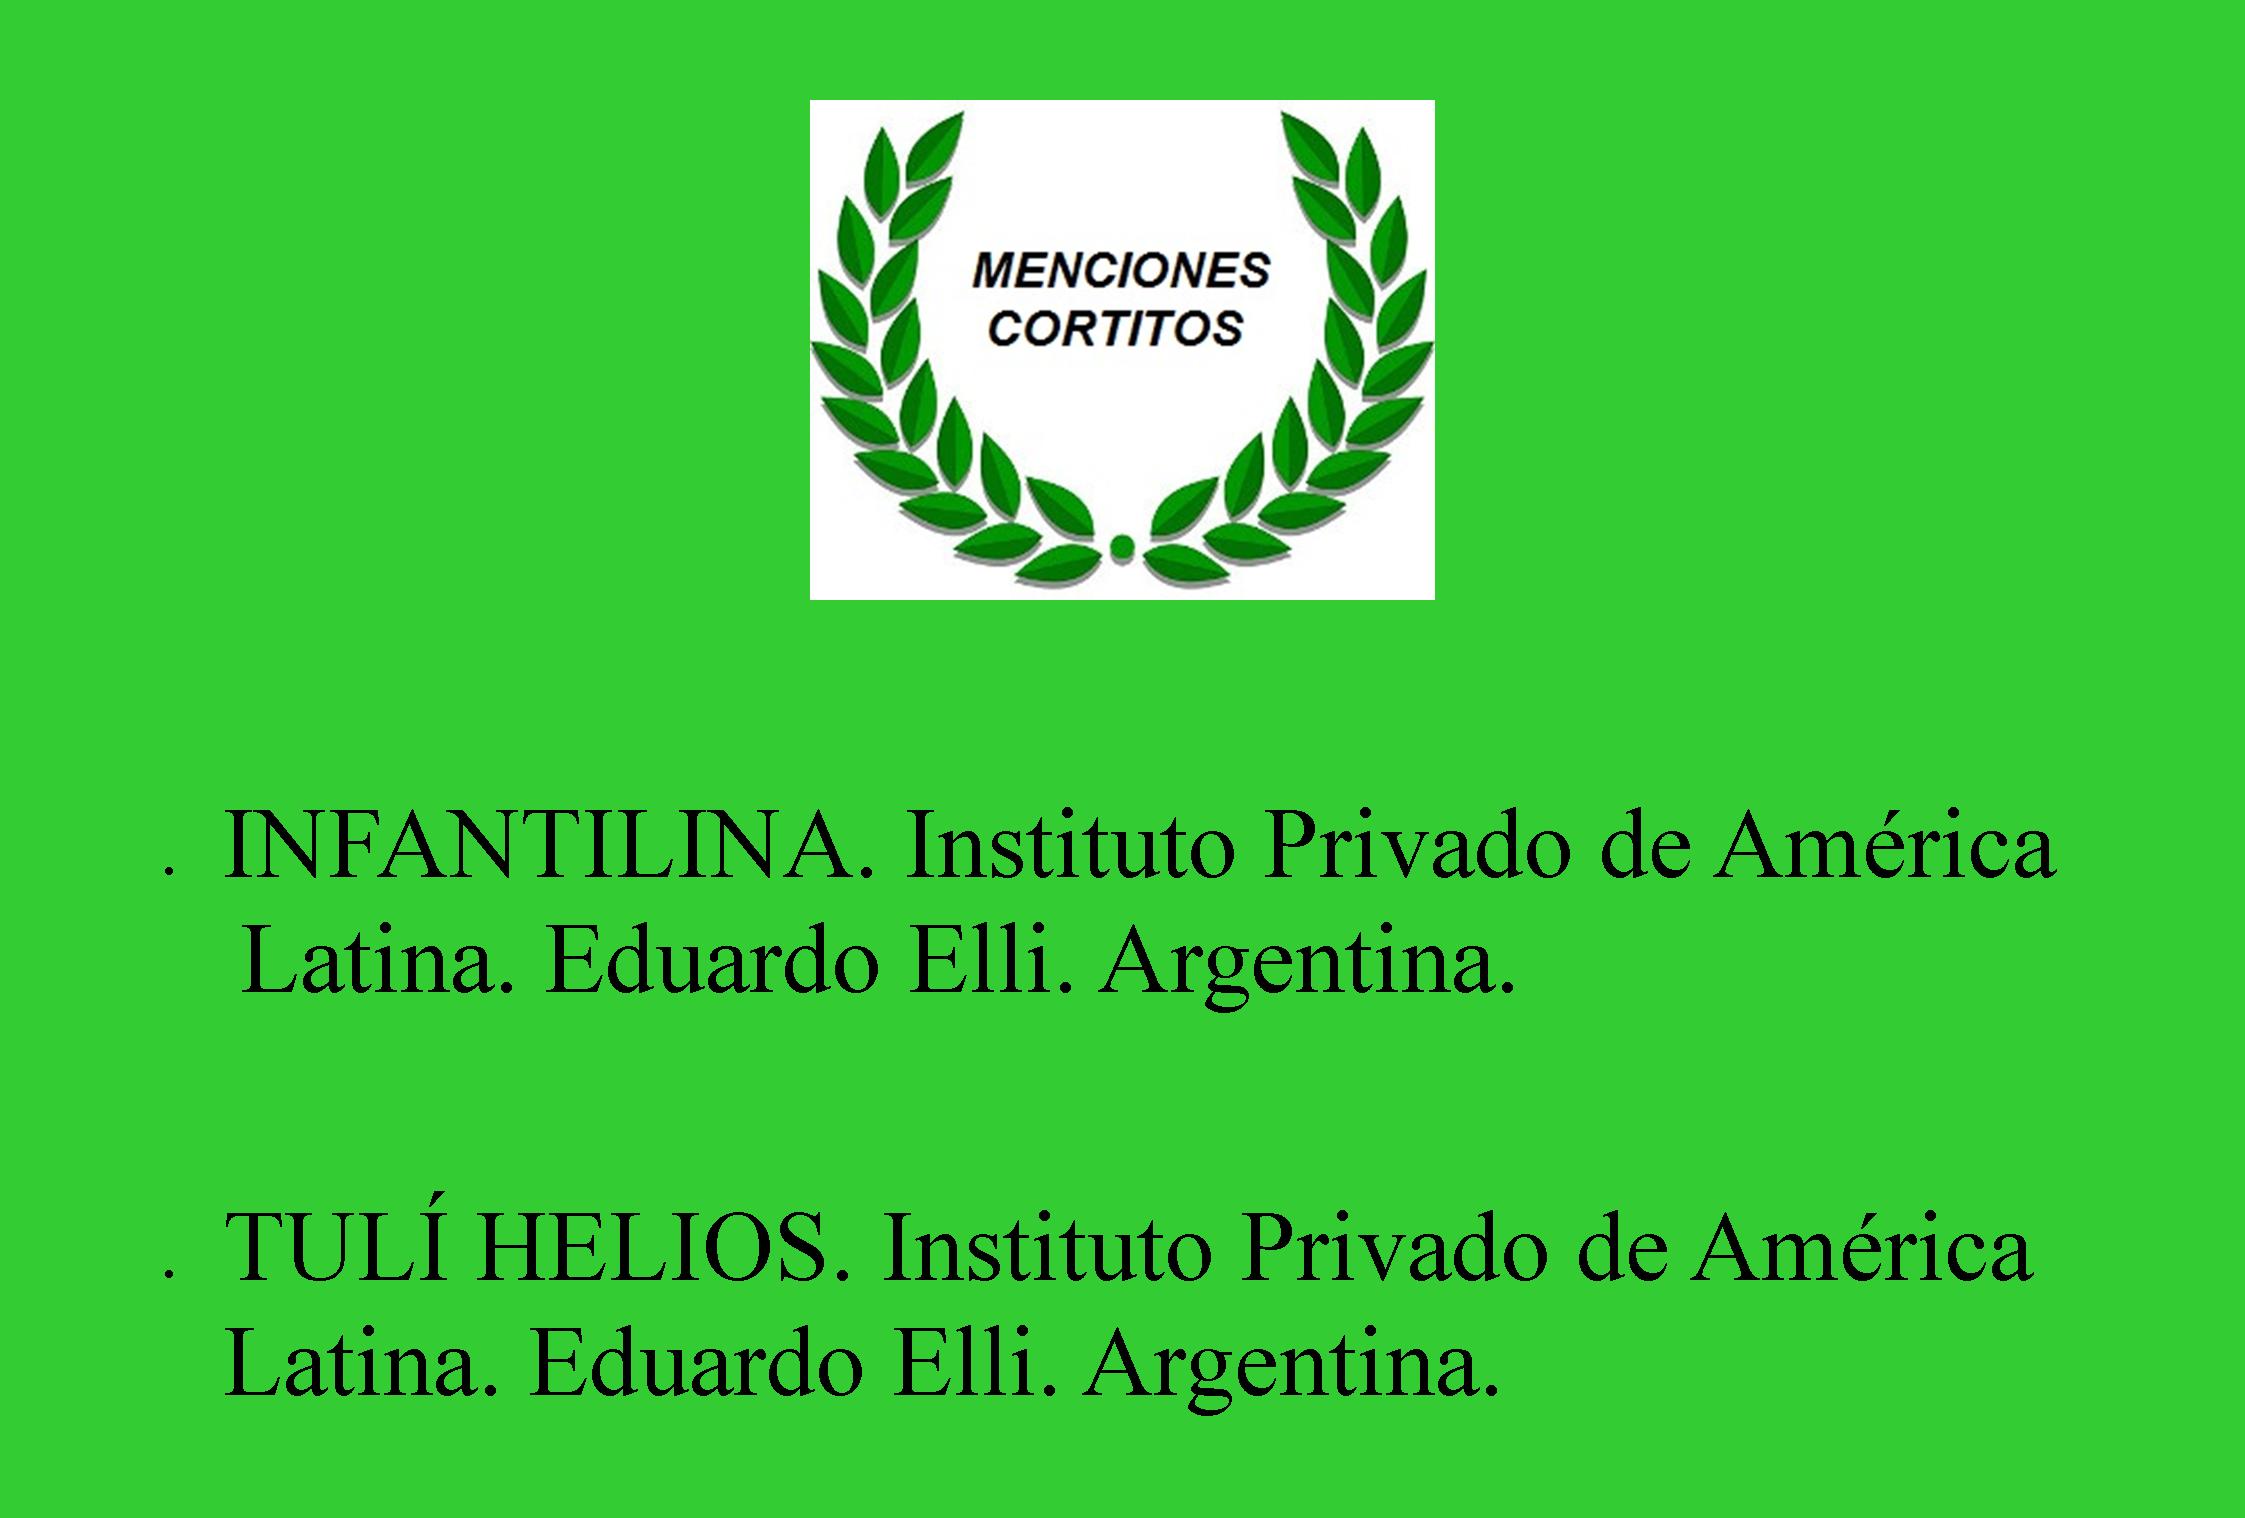 1.FIC.2015.MENCIONES CORTITOS